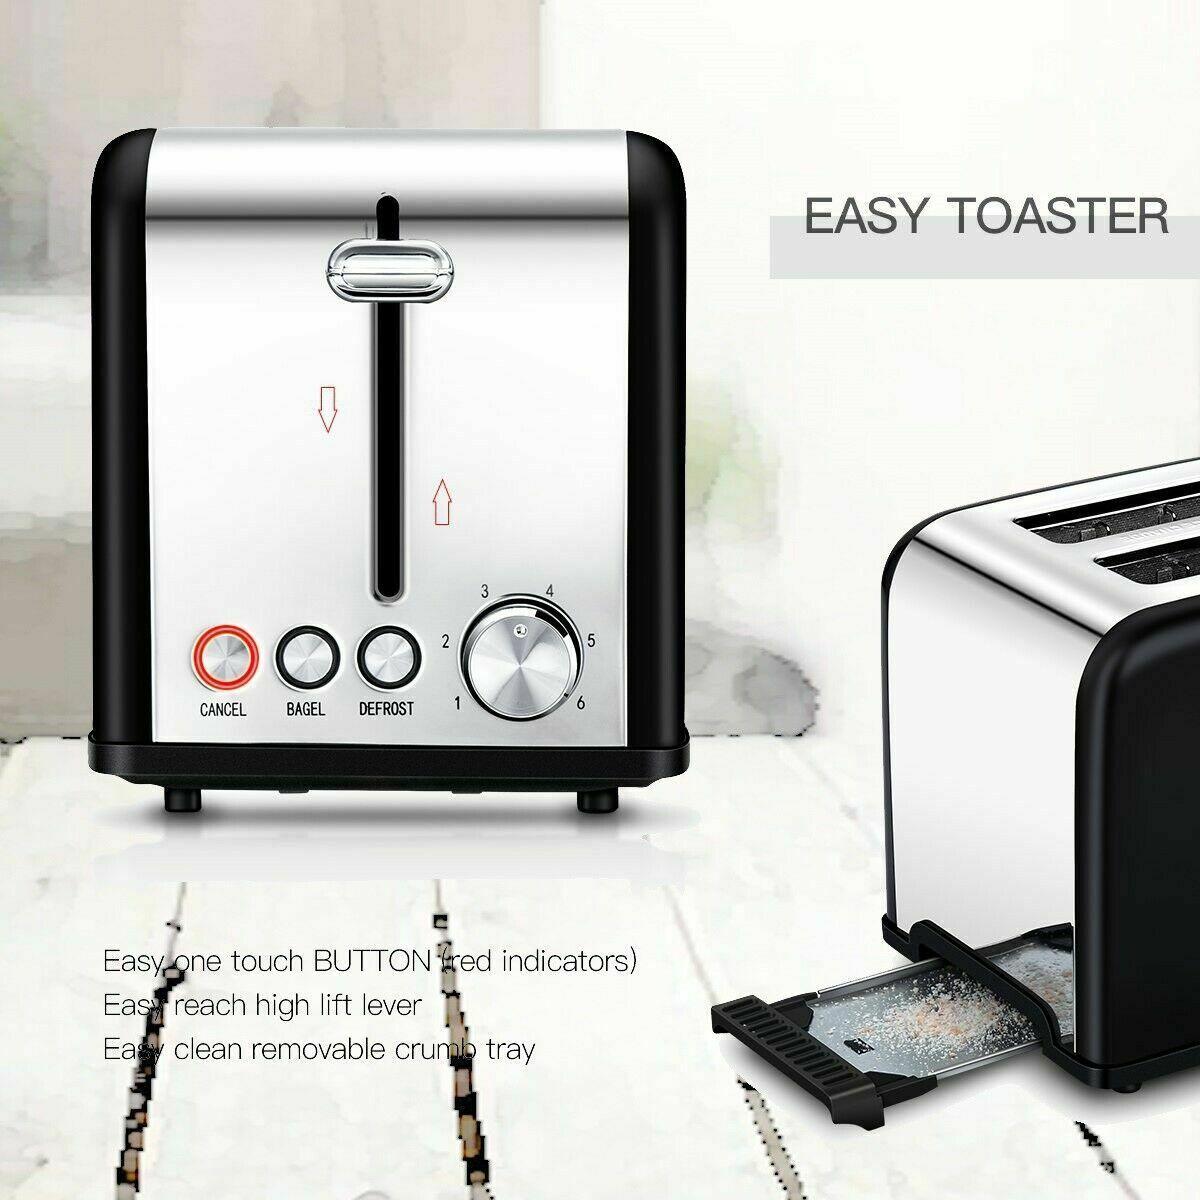 Keemo Toaster 2 Slice Toasters Ideas Of Toasters Toasters Toaster Cuisinart Toaster Easy Cleaning